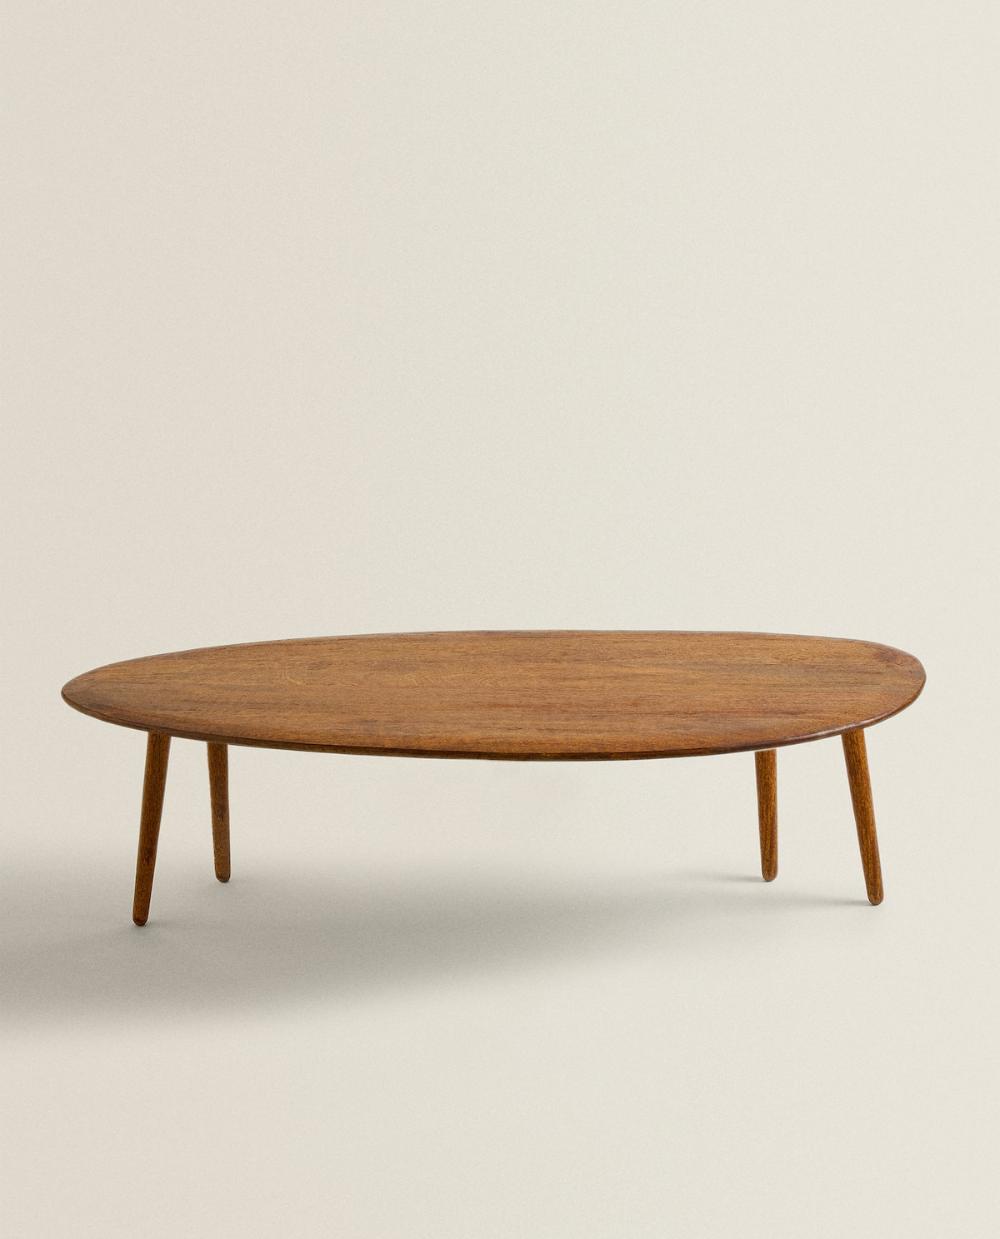 Image 1 Du Produit Table D Appoint Avec Pieds En Bois Zara Home Living Room Side Table Wooden Side Table [ 1239 x 1000 Pixel ]